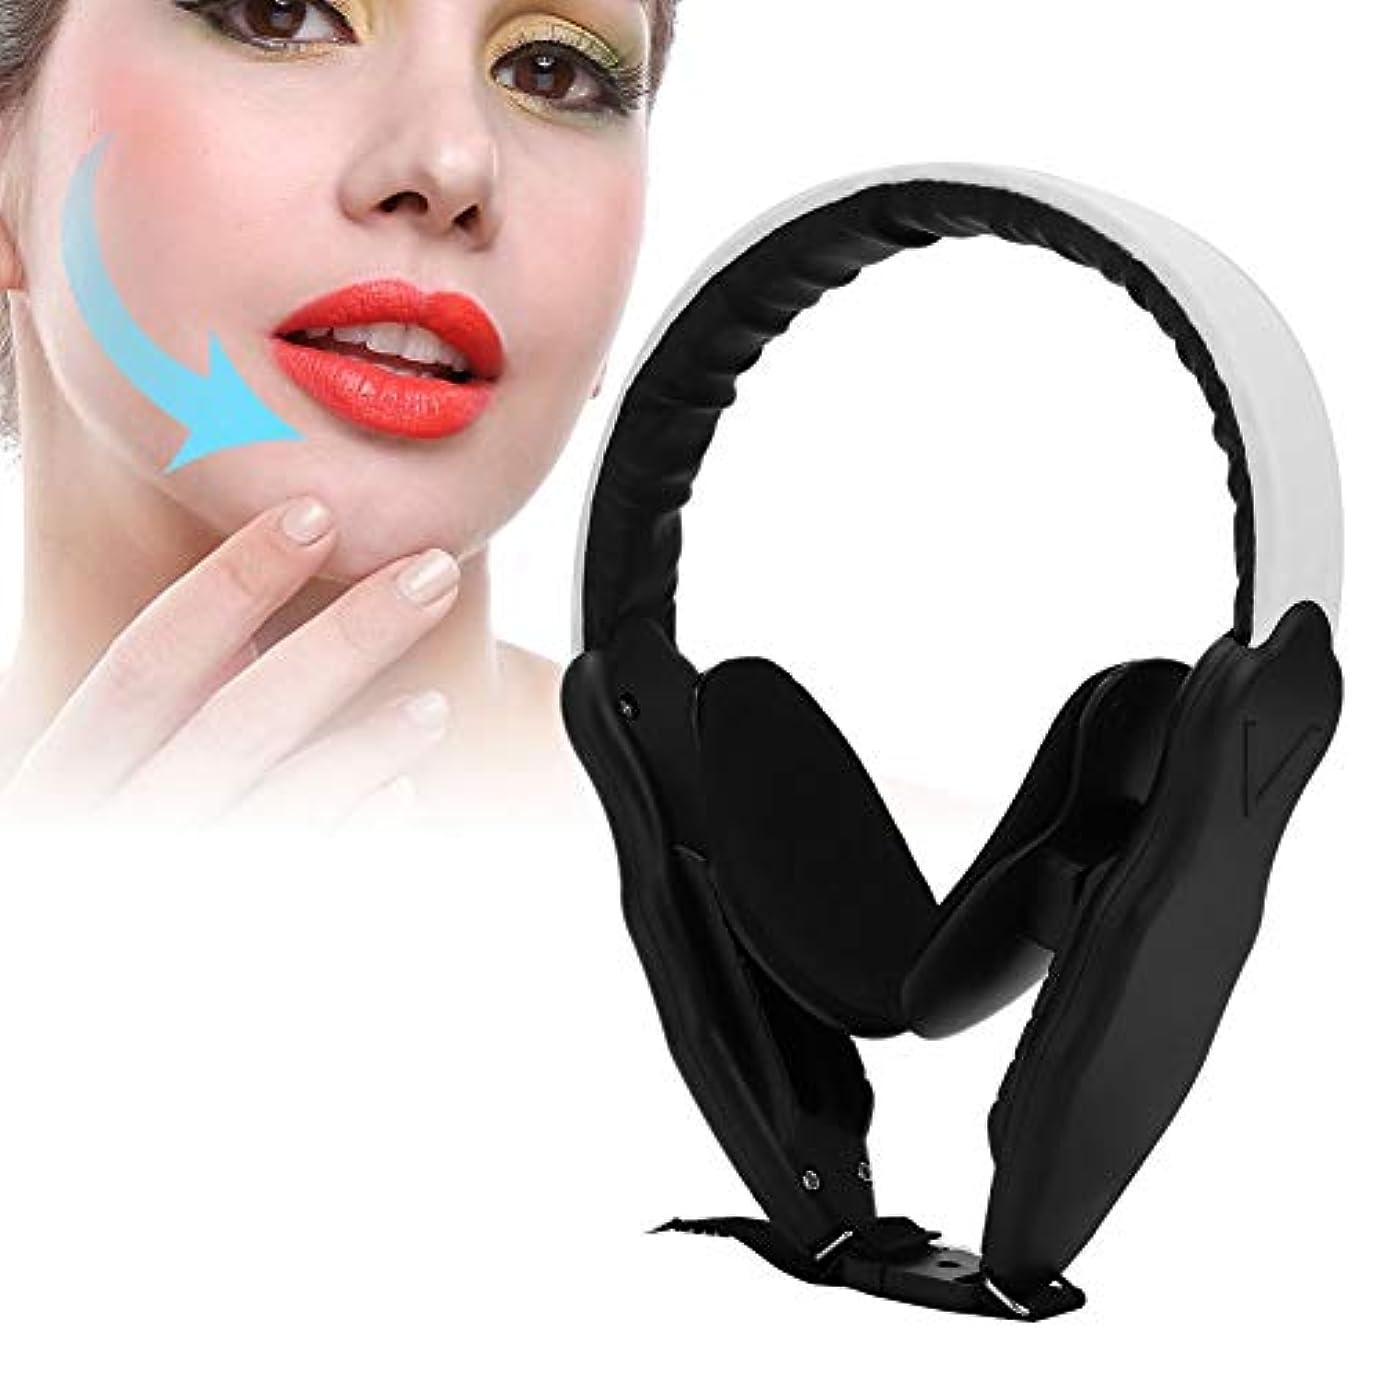 ほかに血まみれの三角小顔マスク 矯正 調節可能な圧力工具を細くする薄い顔の補正装置のあごの頬の皮のマッサージの持ち上がること